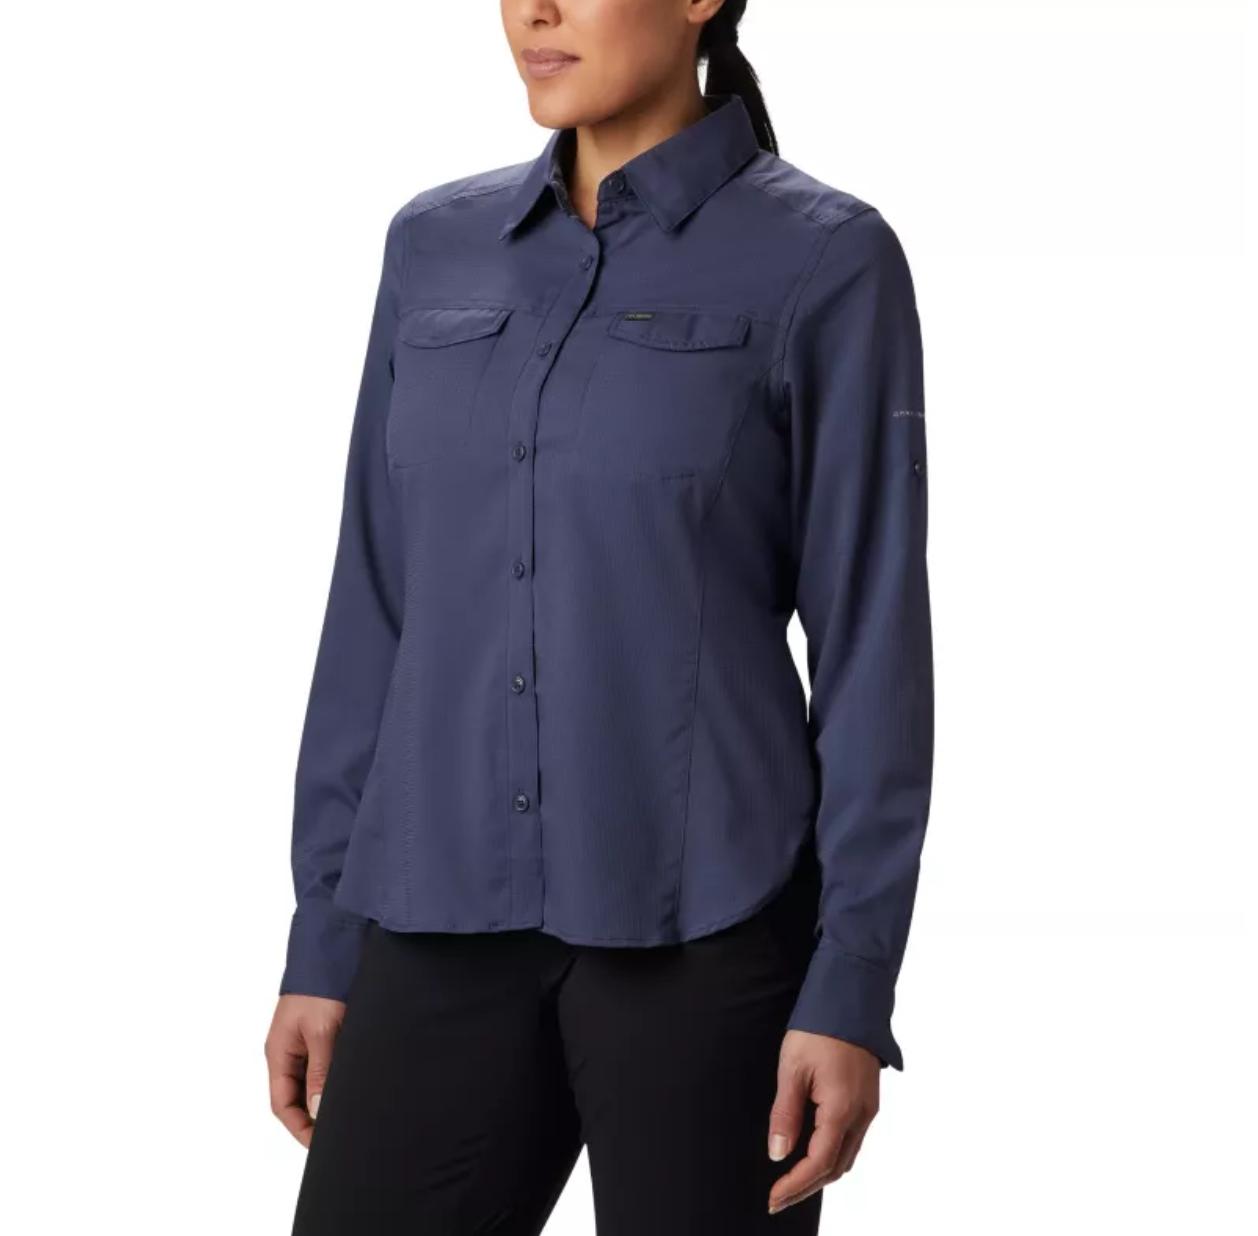 Silver Ridge LS Shirt Women's-1